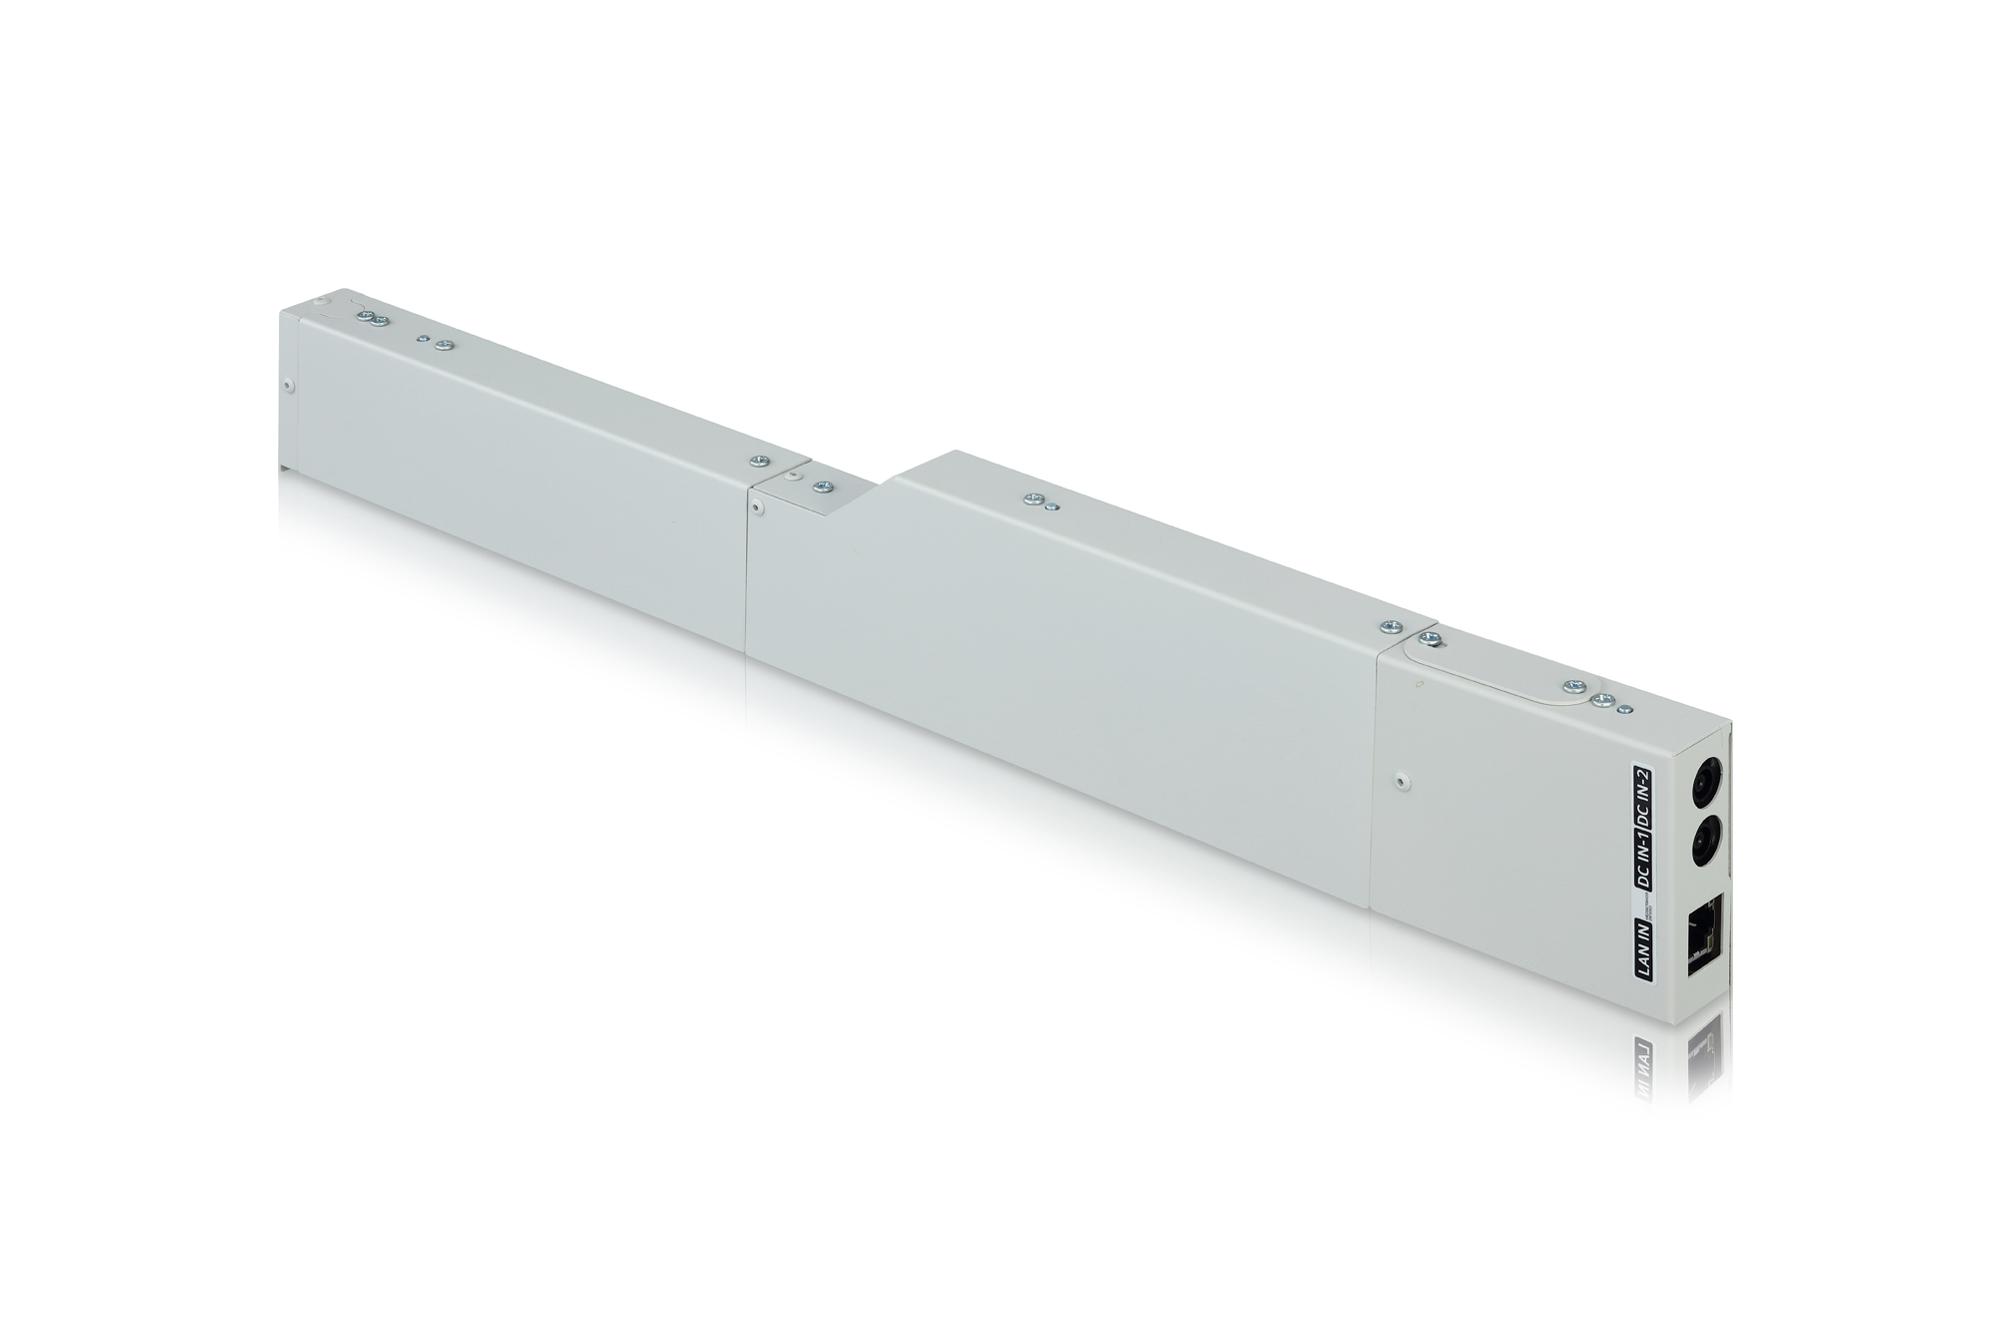 LG Transparent LED Film LAT140 7